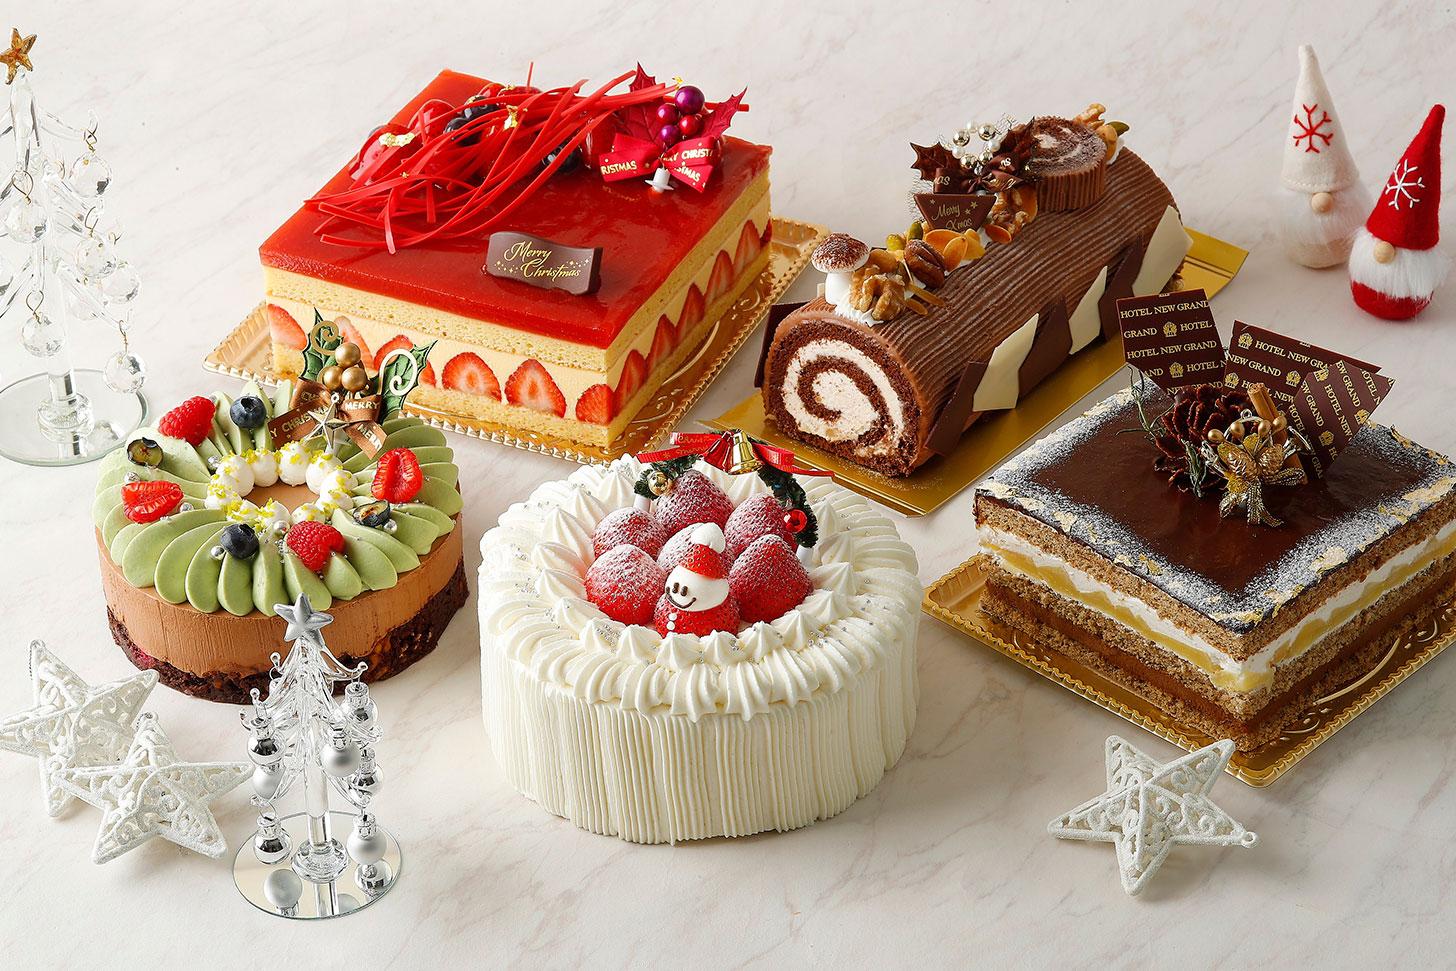 横浜・ホテルニューグランドの2021年クリスマスケーキは5種類!ホームパーティーディッシュも